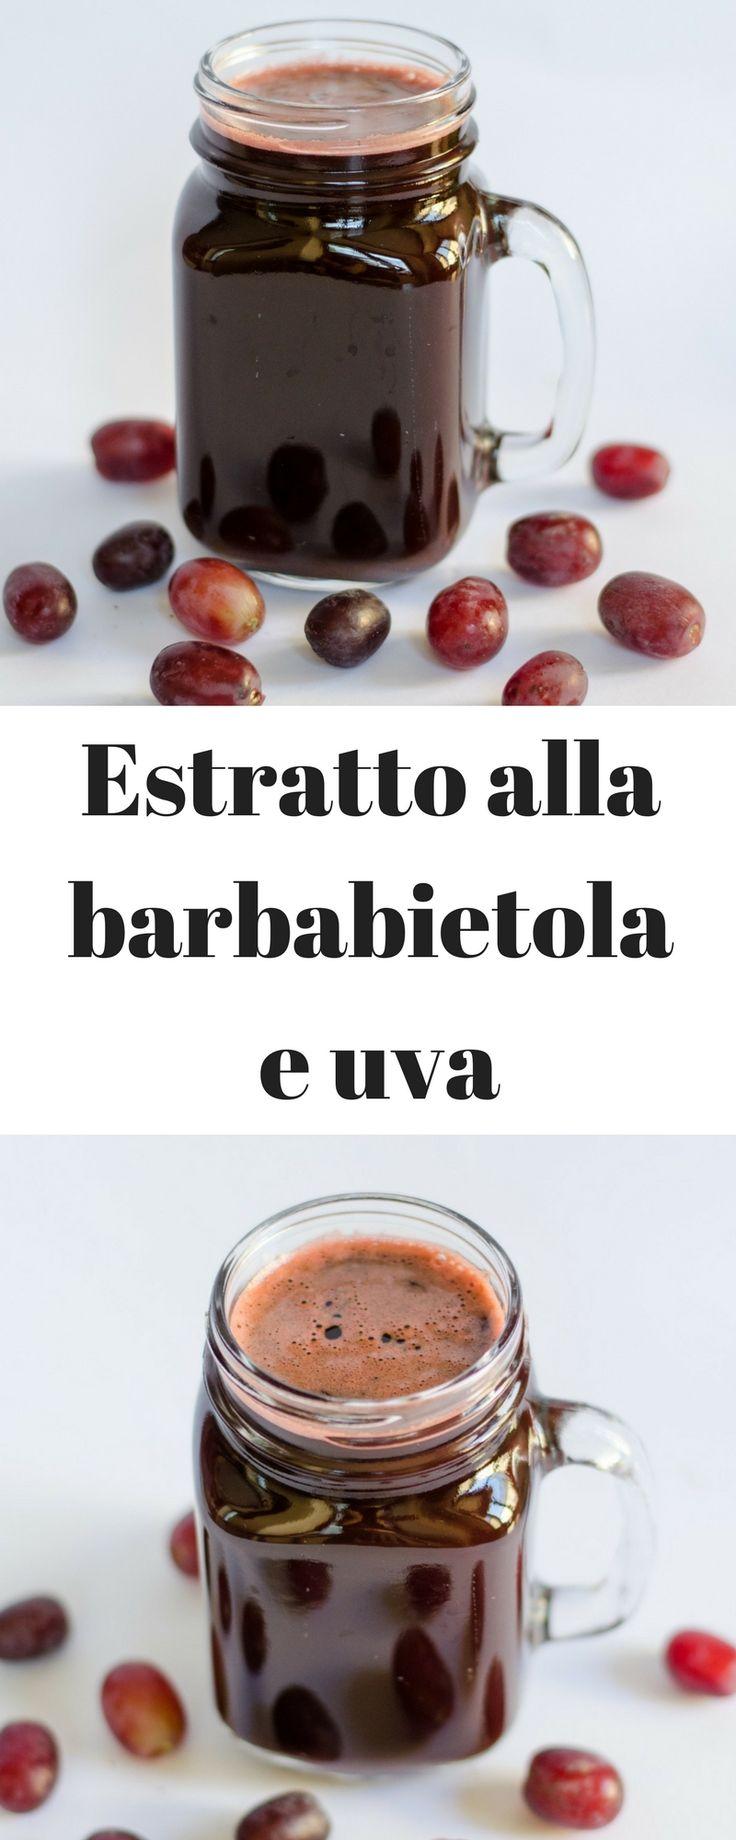 Estratto/ centrifuga di verdure con barbabietola. Sul blog altre ricette vegan light, estive, dolci vegani, senza glutine, per la dieta, proteiche, vegetariane e vegane, veloci e facili in italiano.